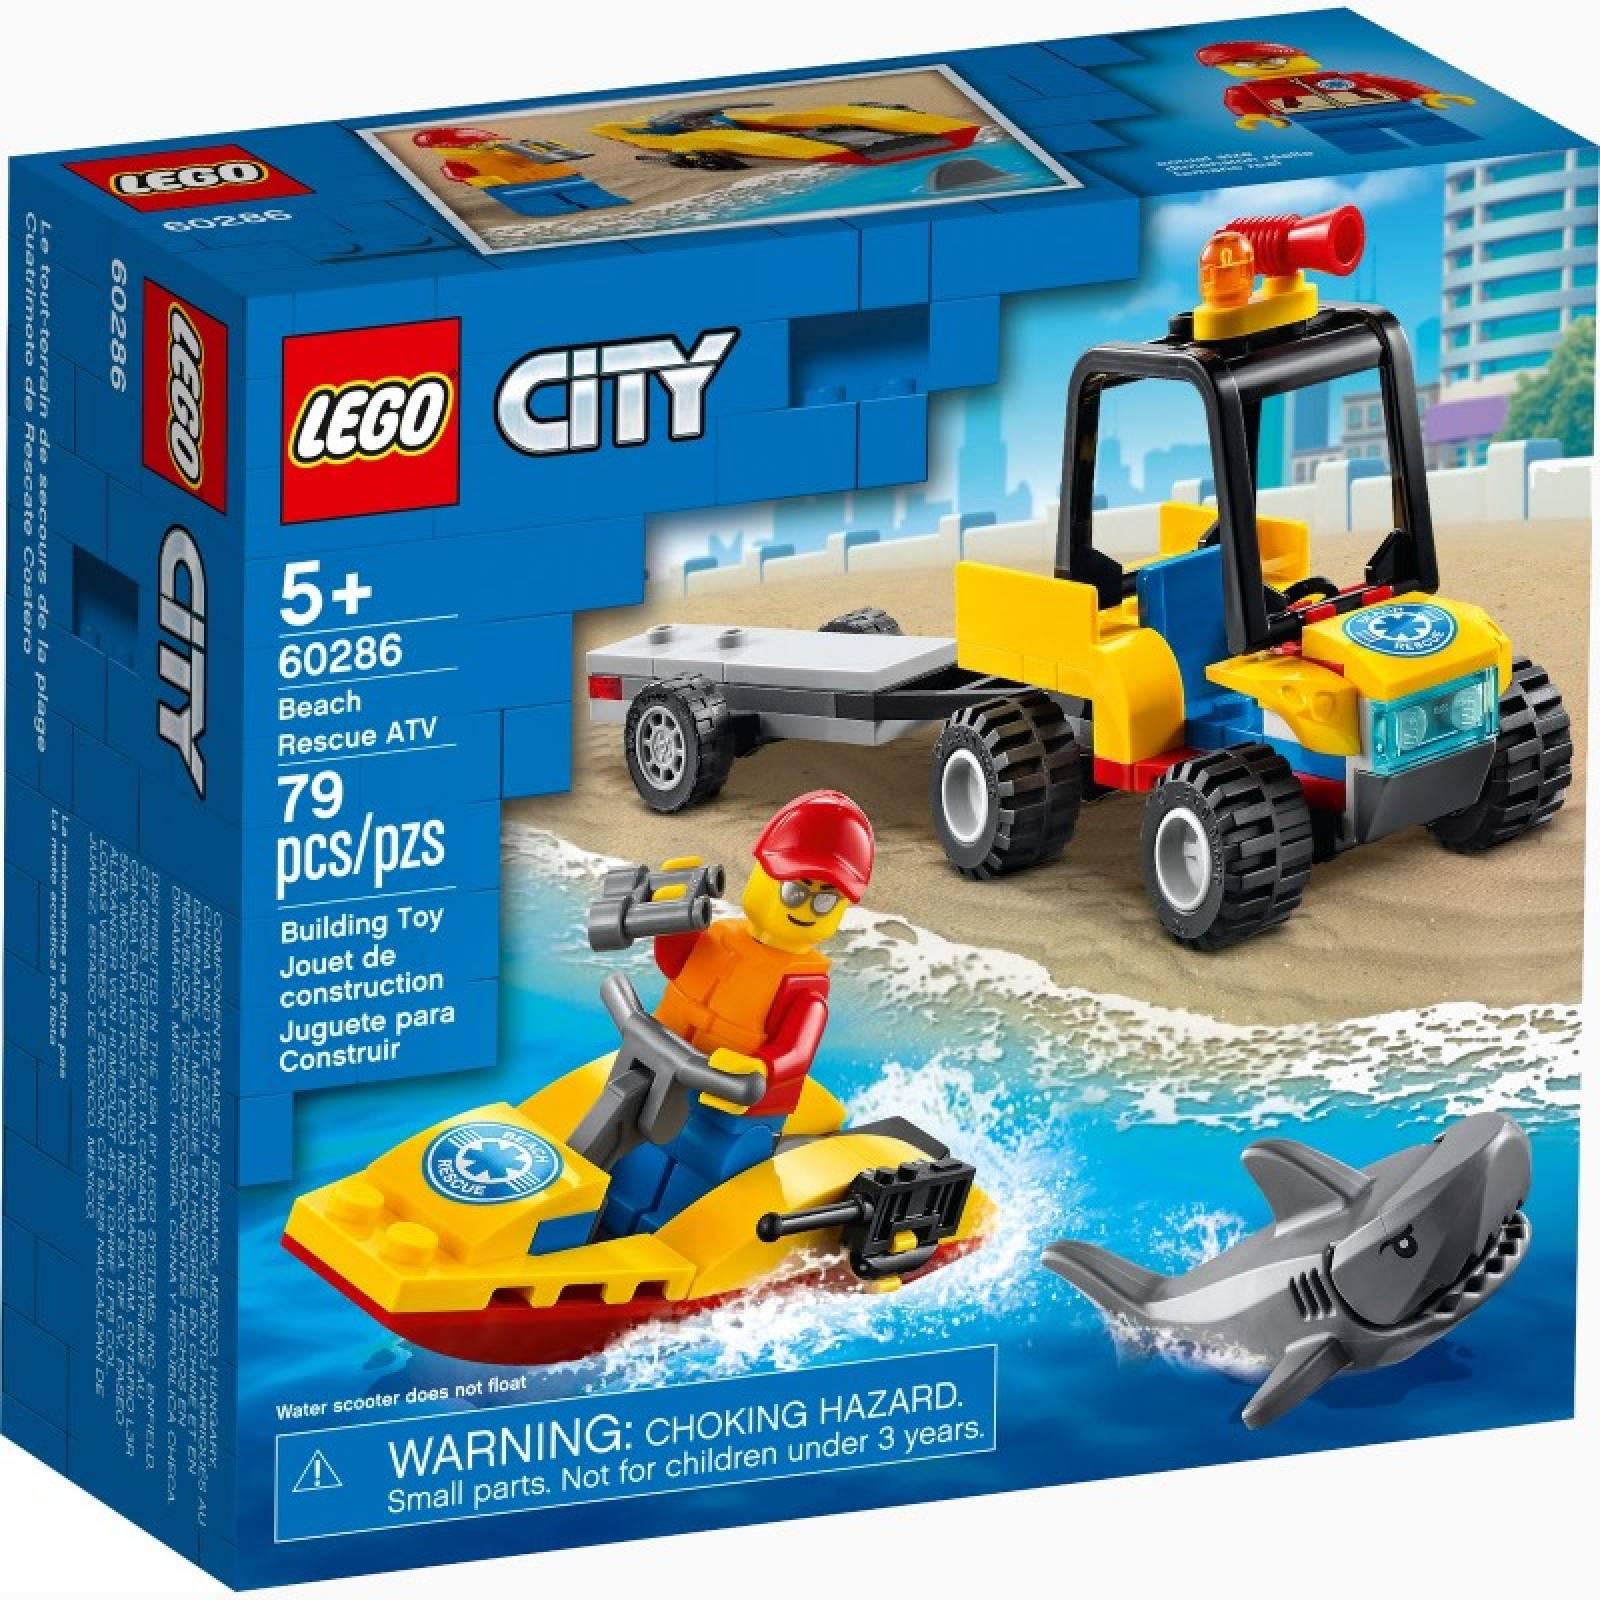 LEGO City Beach Rescue ATV 60286 5+